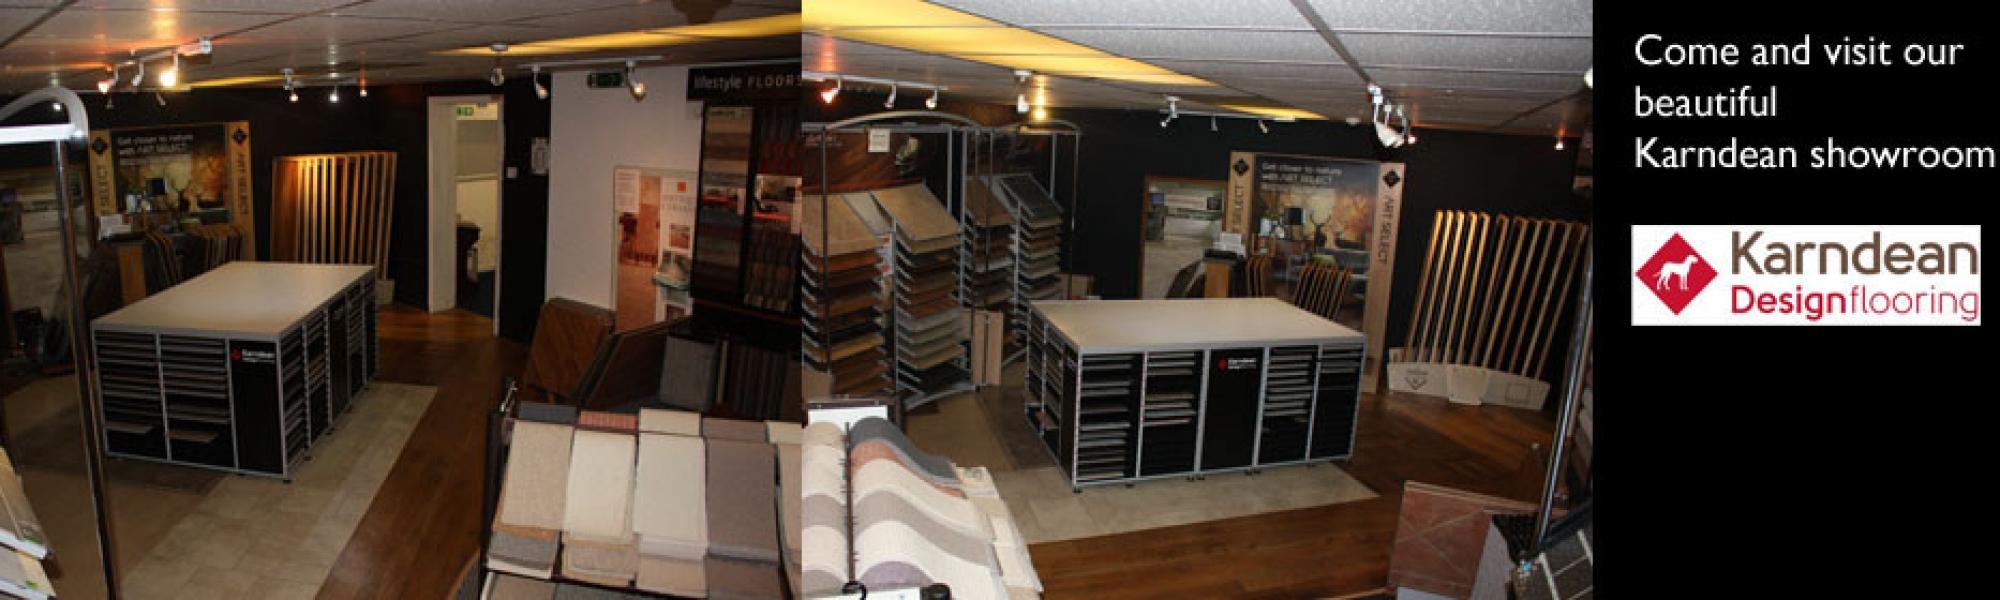 karndean-showroom